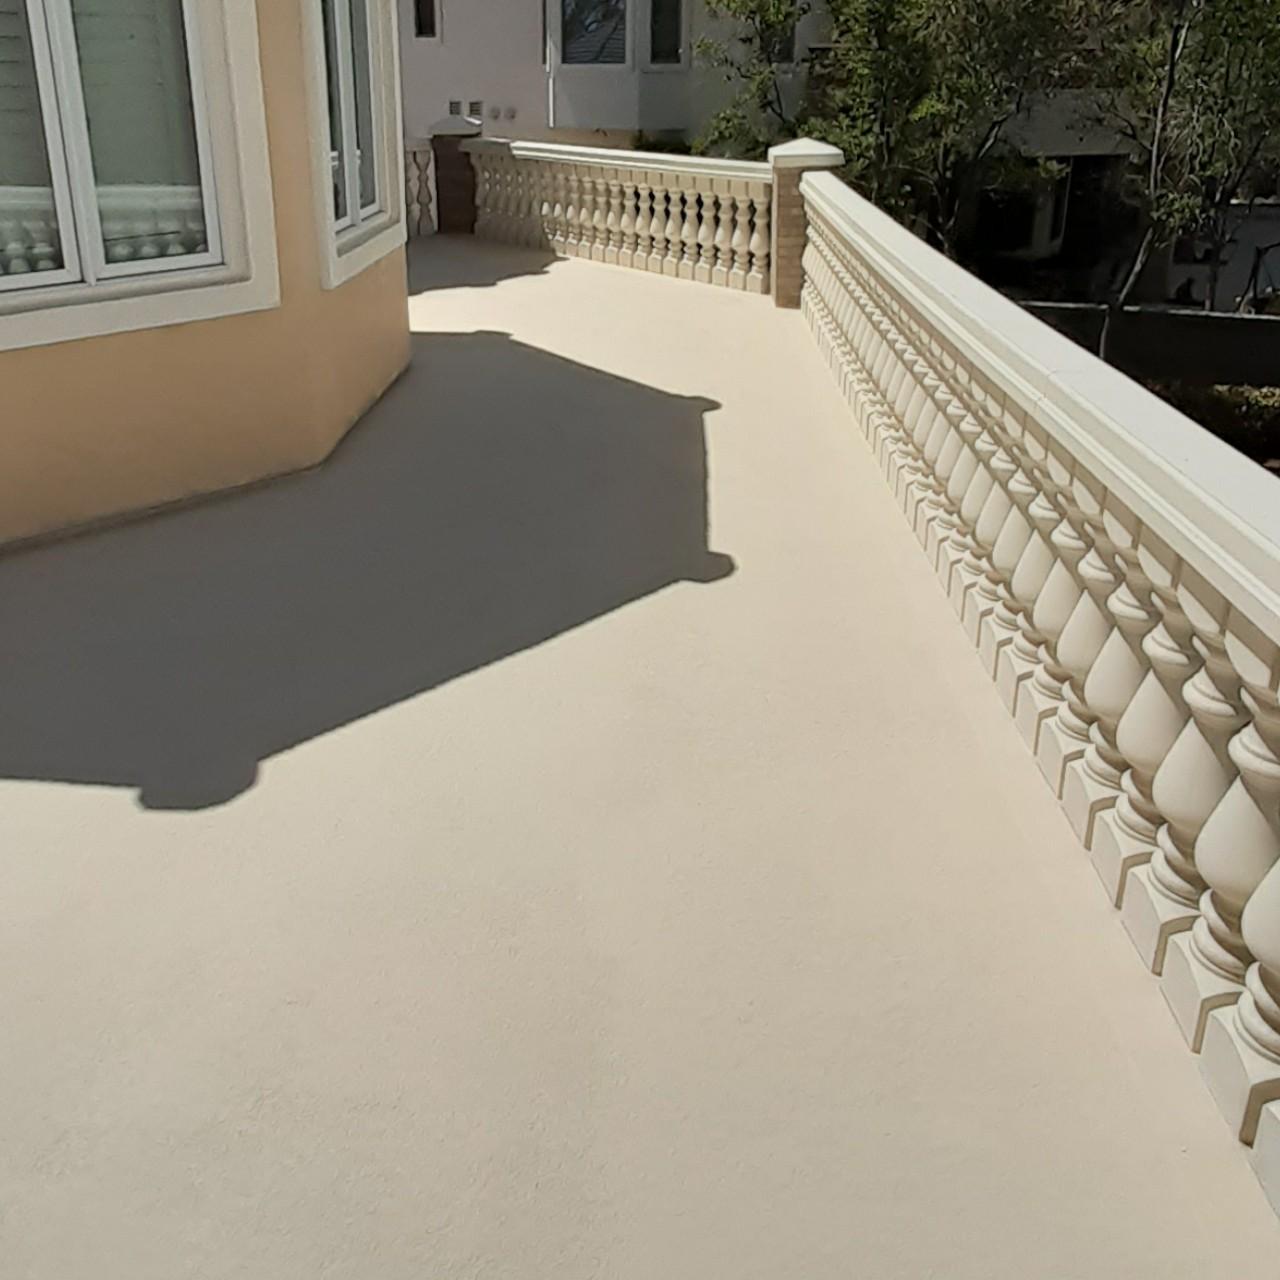 concrete-balcony-deck-restoration--after-17